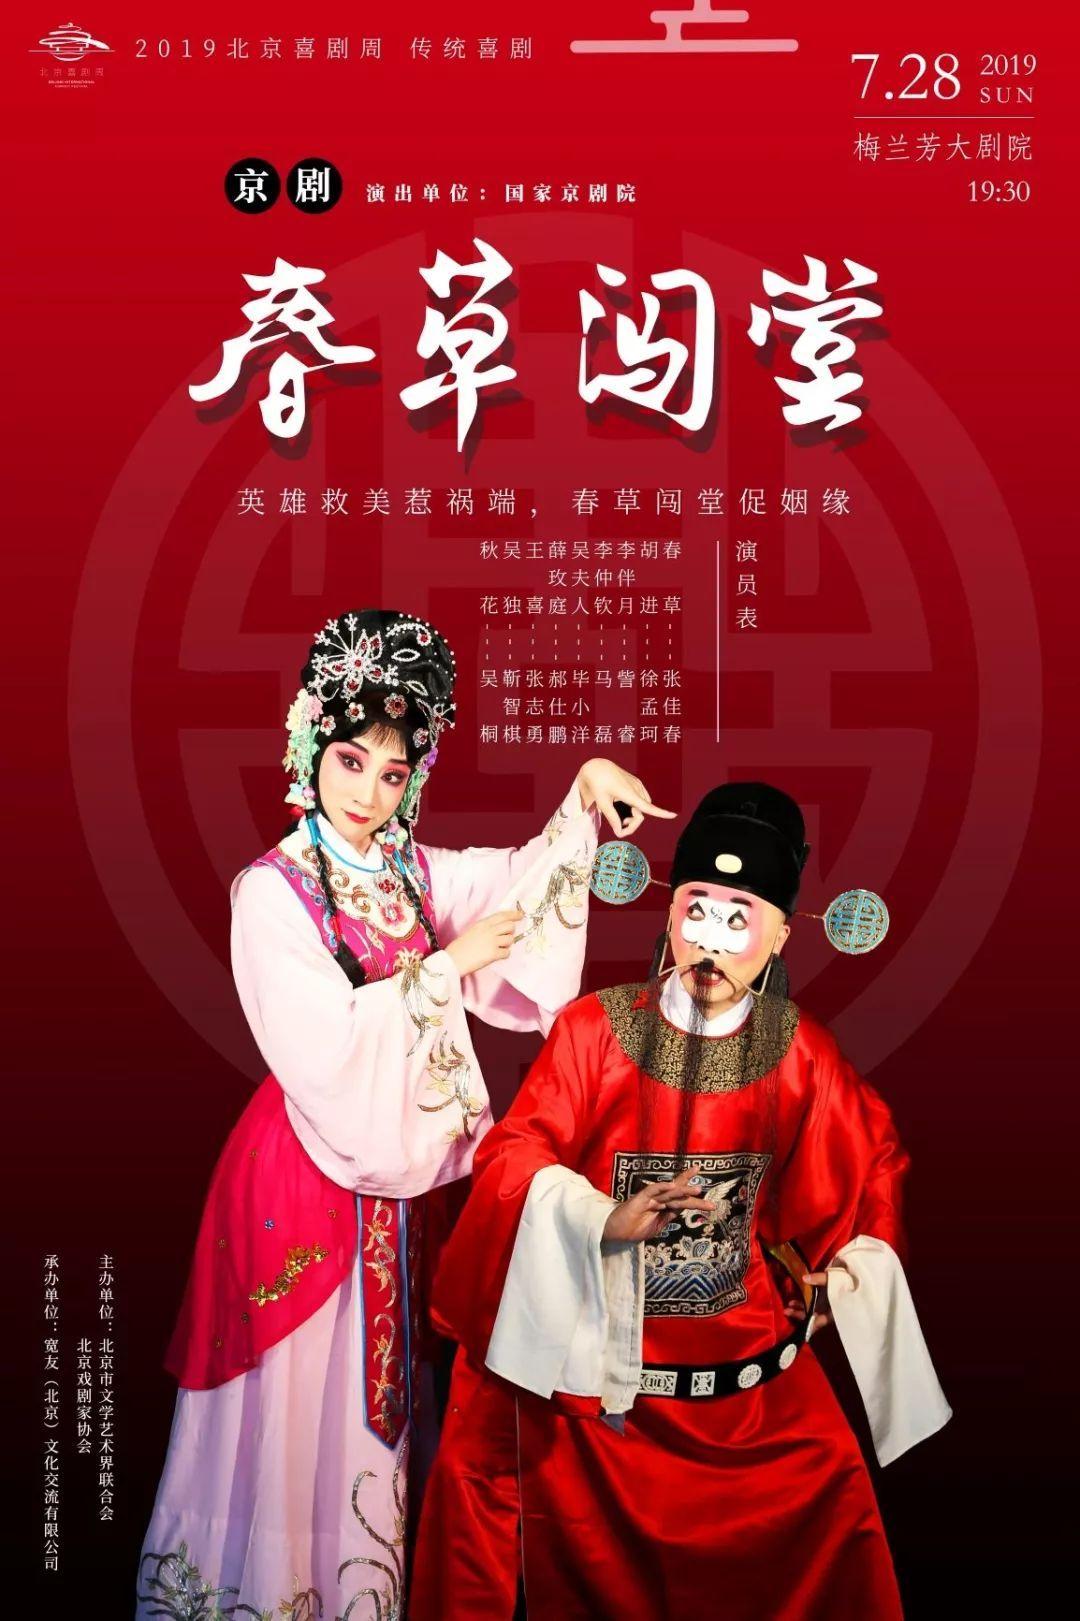 2019北京喜剧周传统喜剧单元   京剧《春草闯堂》:俏丫鬟勇闯公堂,好观众快进剧场!